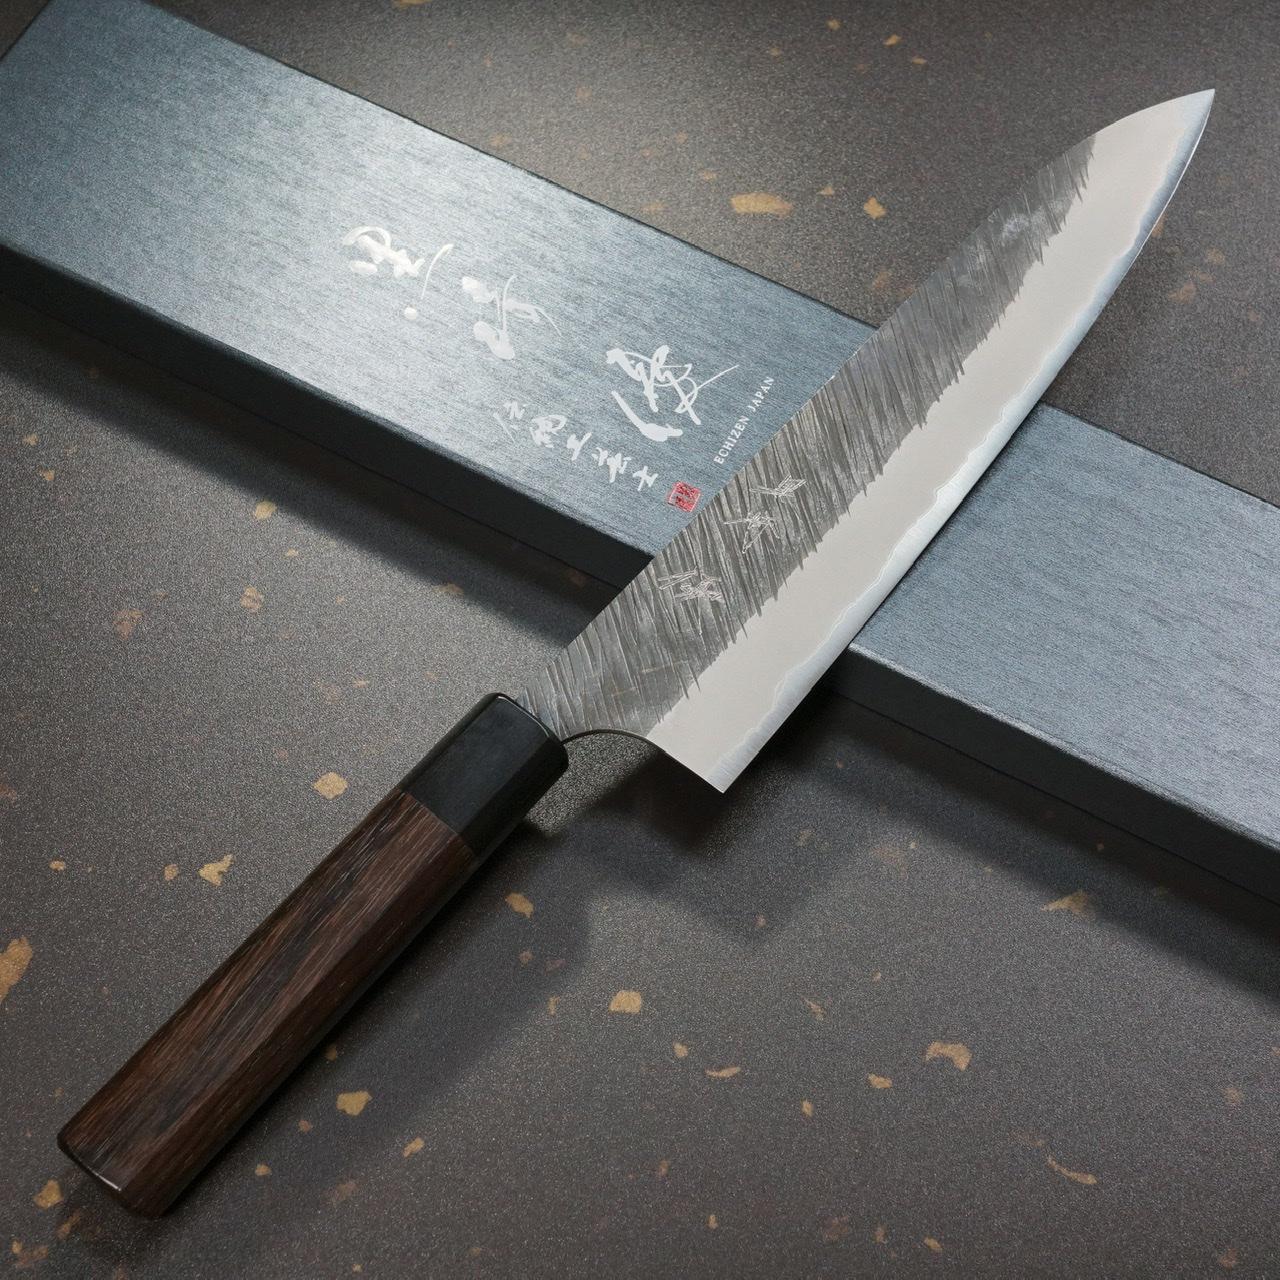 包丁 牛刀 210mm 黒崎優 青紙スーパー 風神 伝統工芸士 鍛造 7寸 TVで放送 日本製